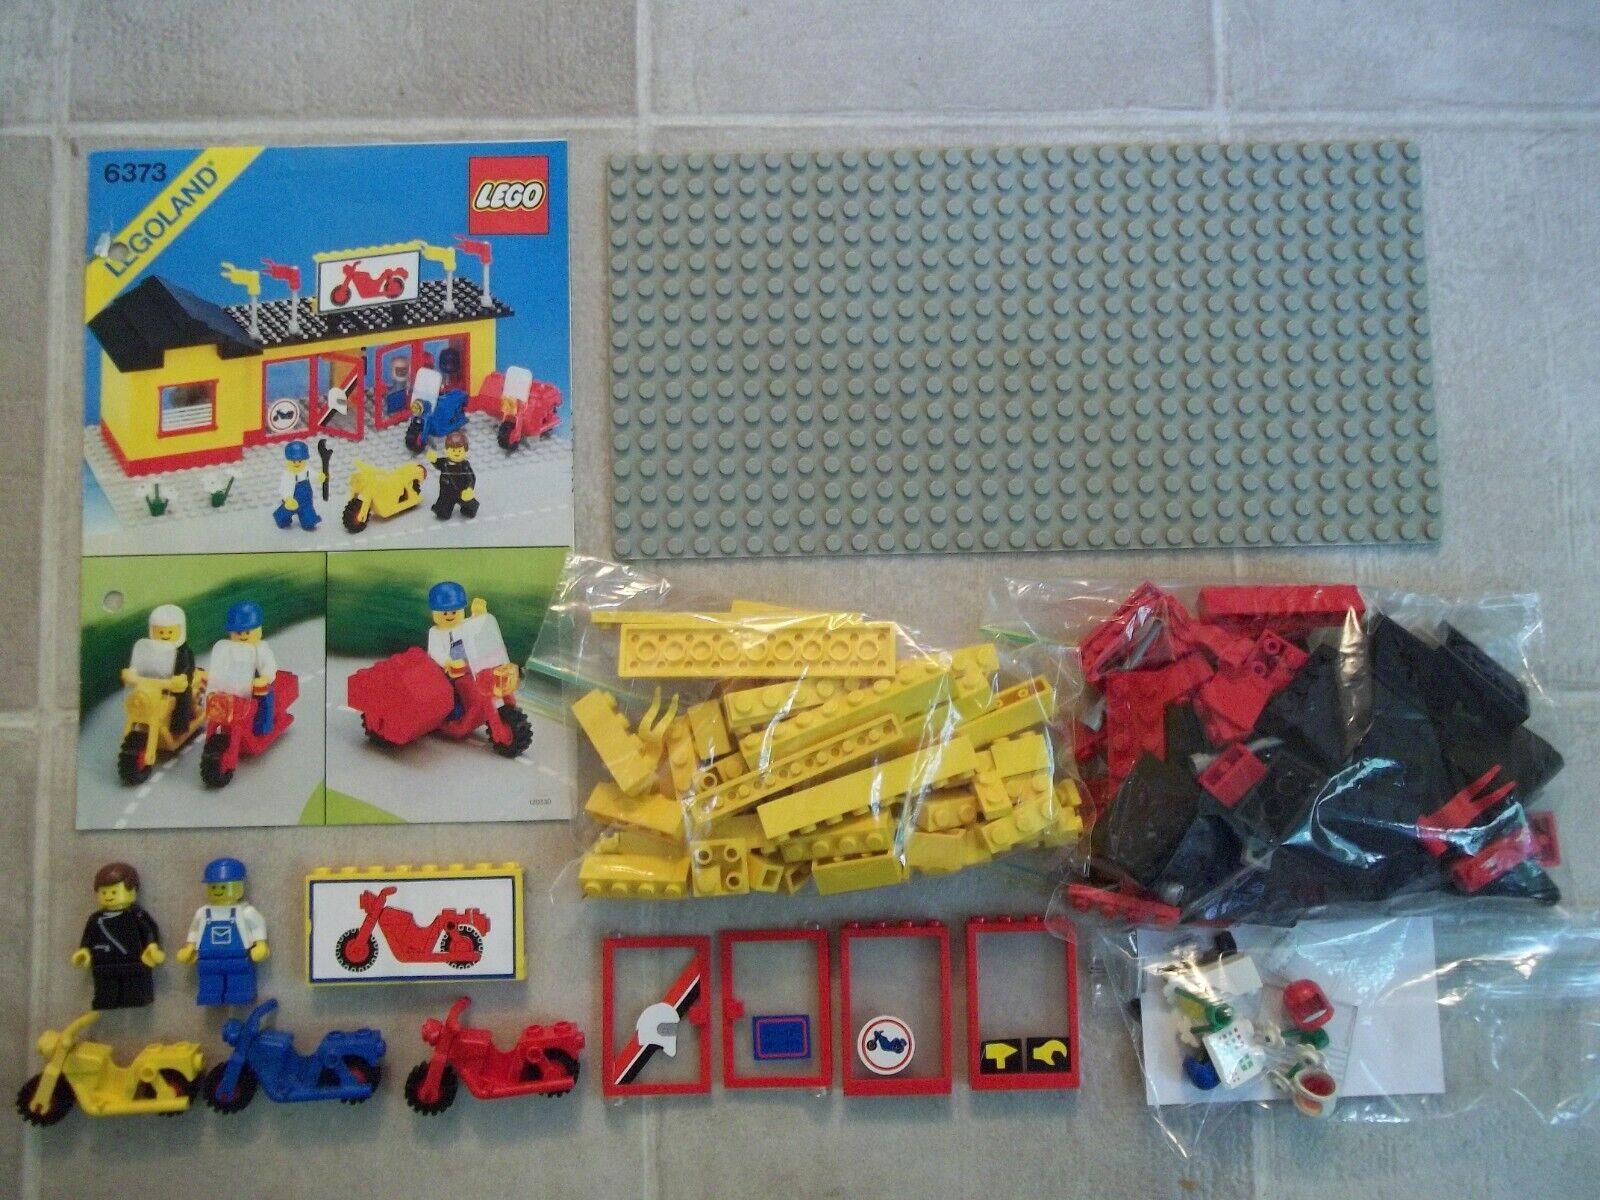 Lego 6373 Classic Town Moto Shop Garage complet avec instructions  un  votre satisfaction est notre cible